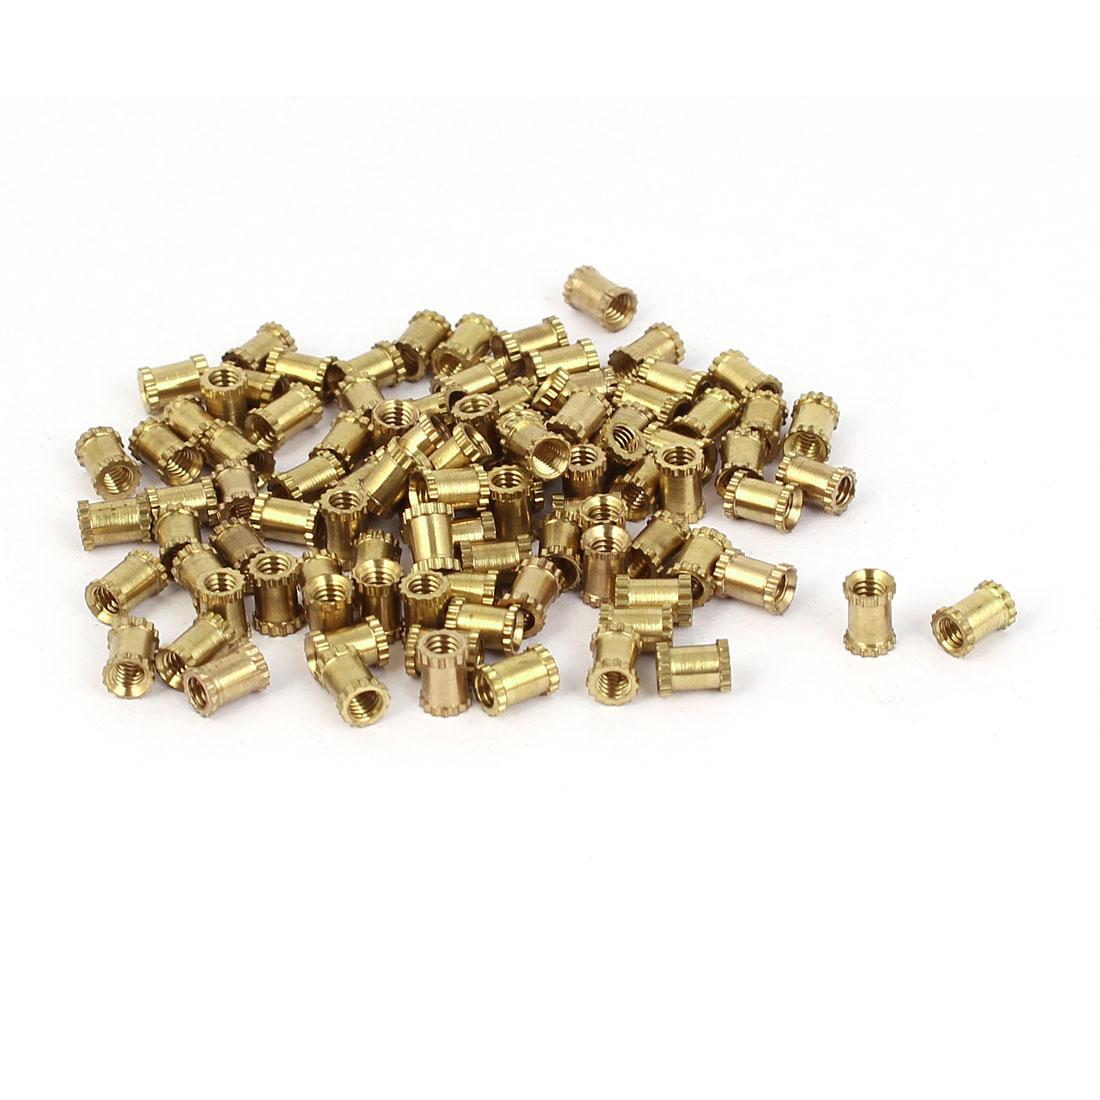 M2.5x5mm 4mm OD Brass Embedded Knurled Insert Thumb Nuts 100pcs